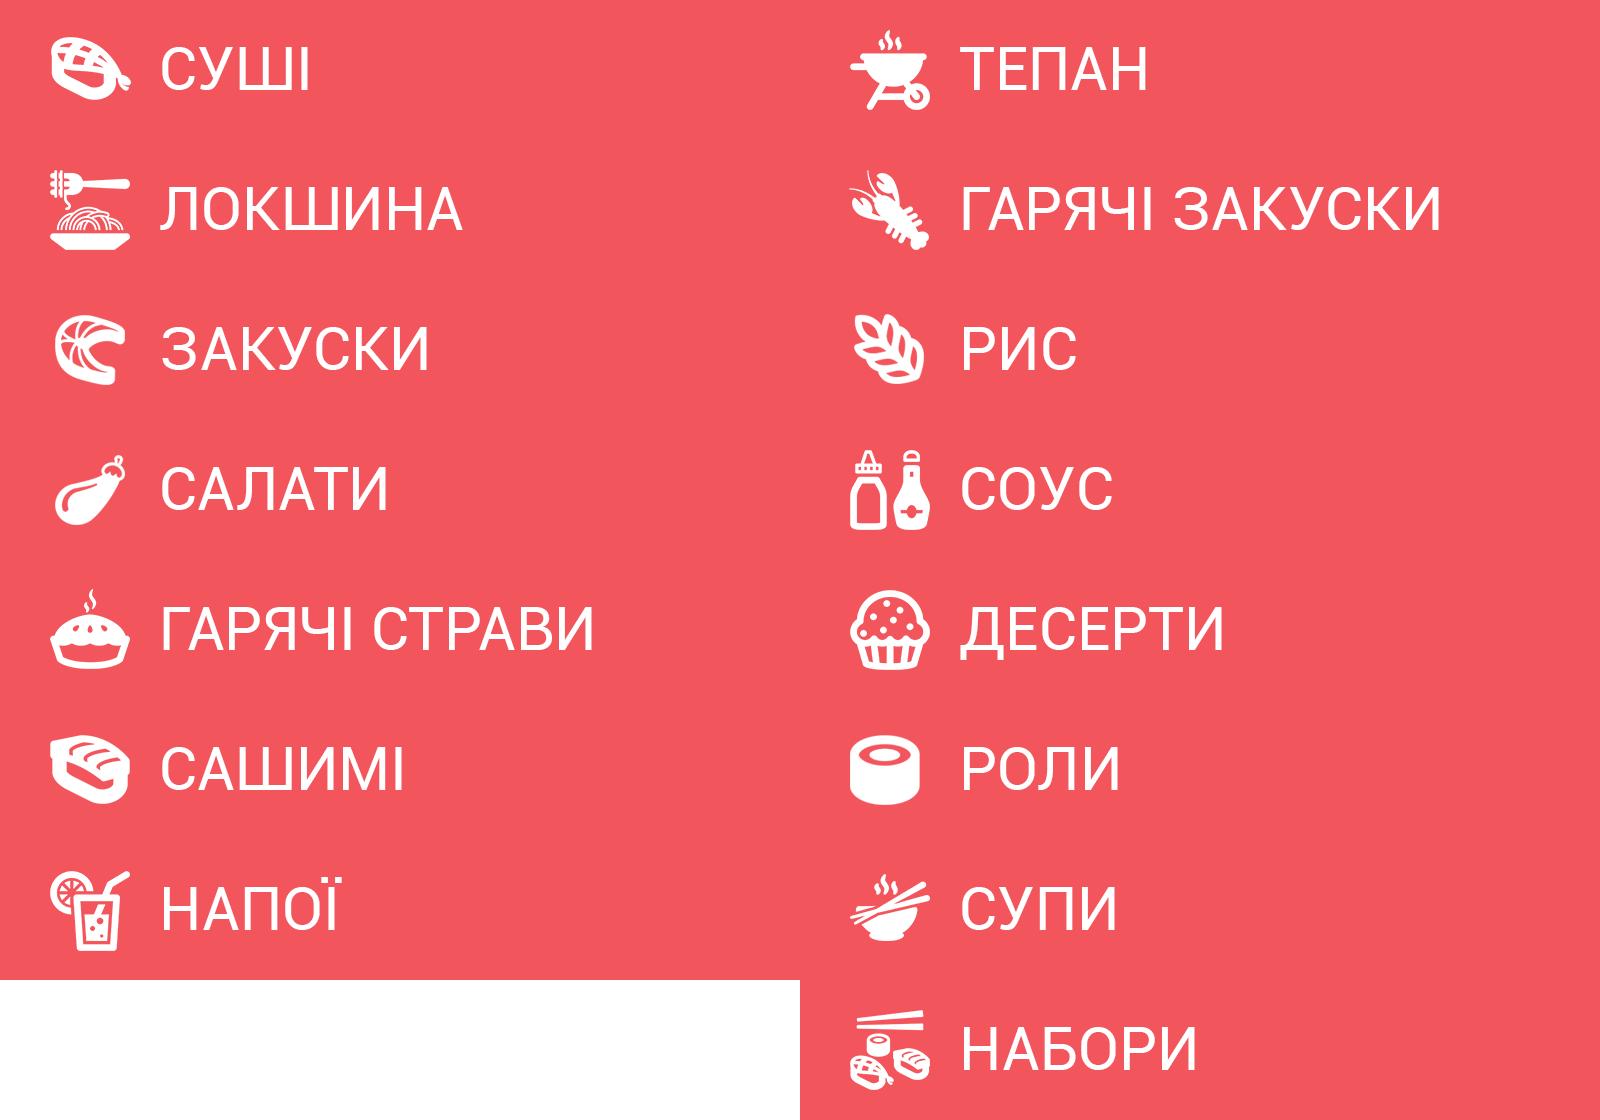 app_murakami_v3_categories